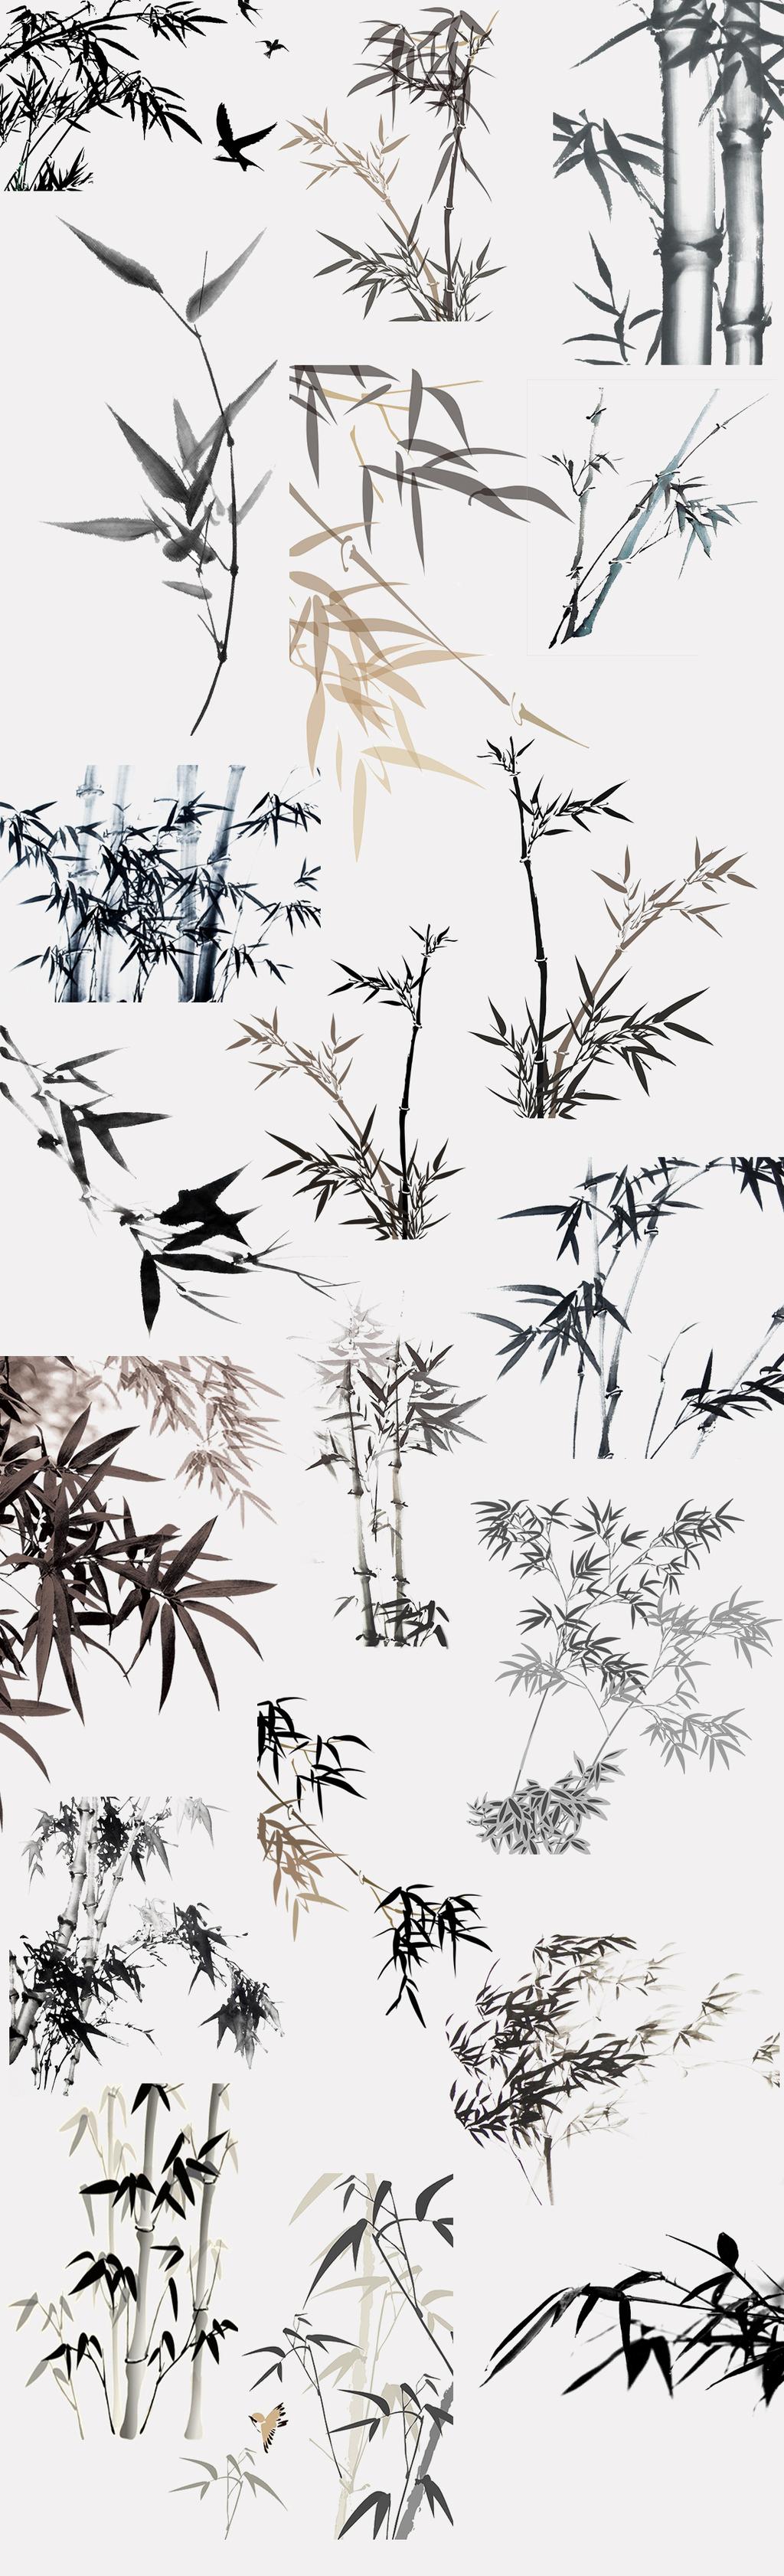 手绘竹子                                    水彩竹子